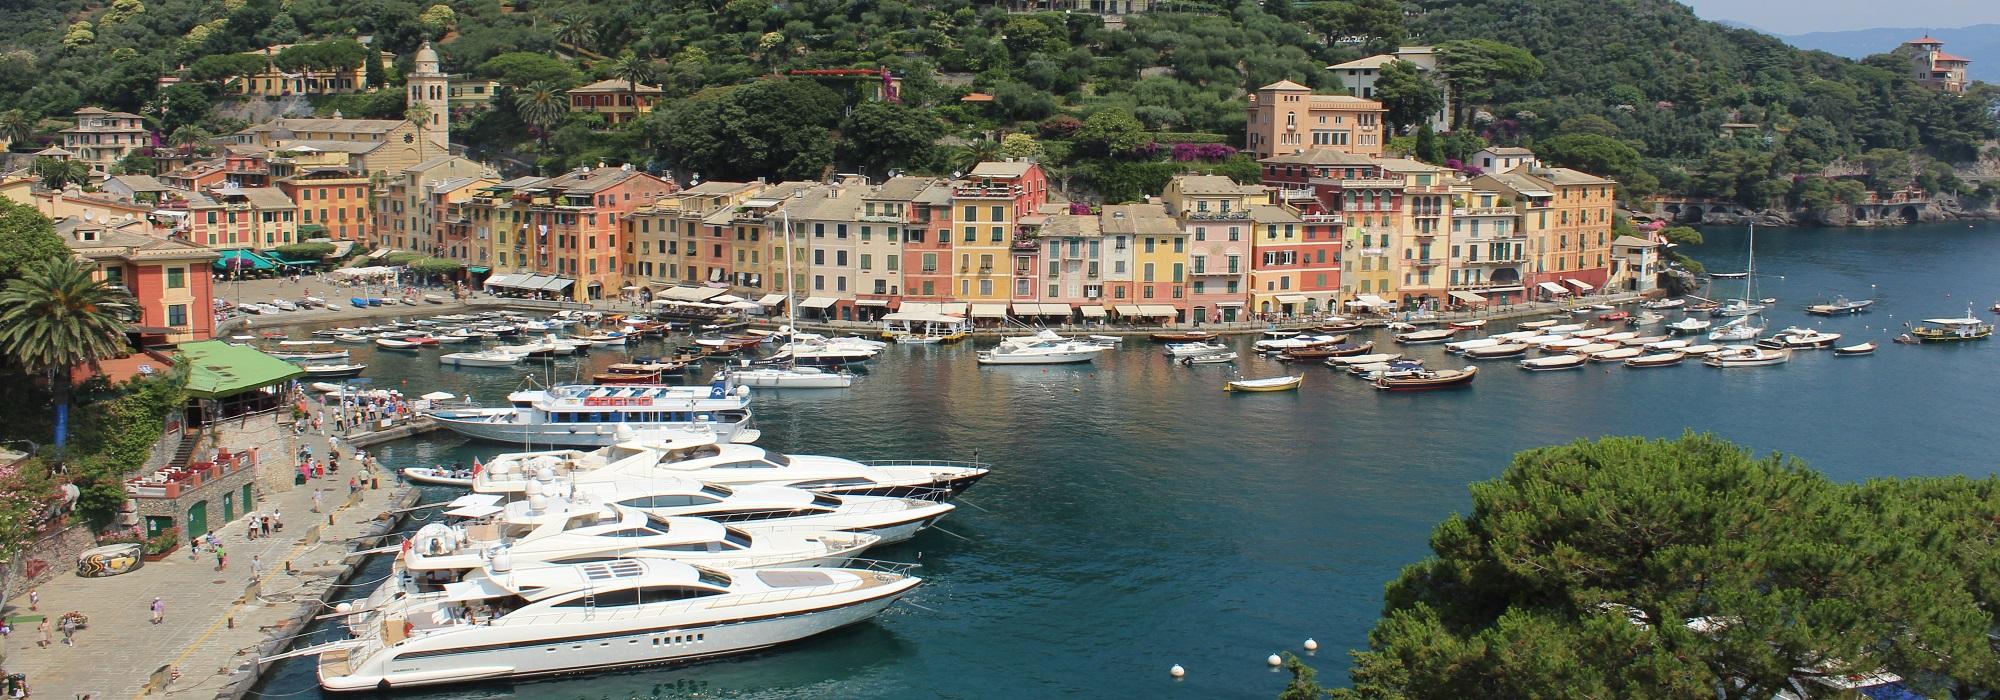 Продажа недвижимости на морском побережье Тосканы и Лигурии